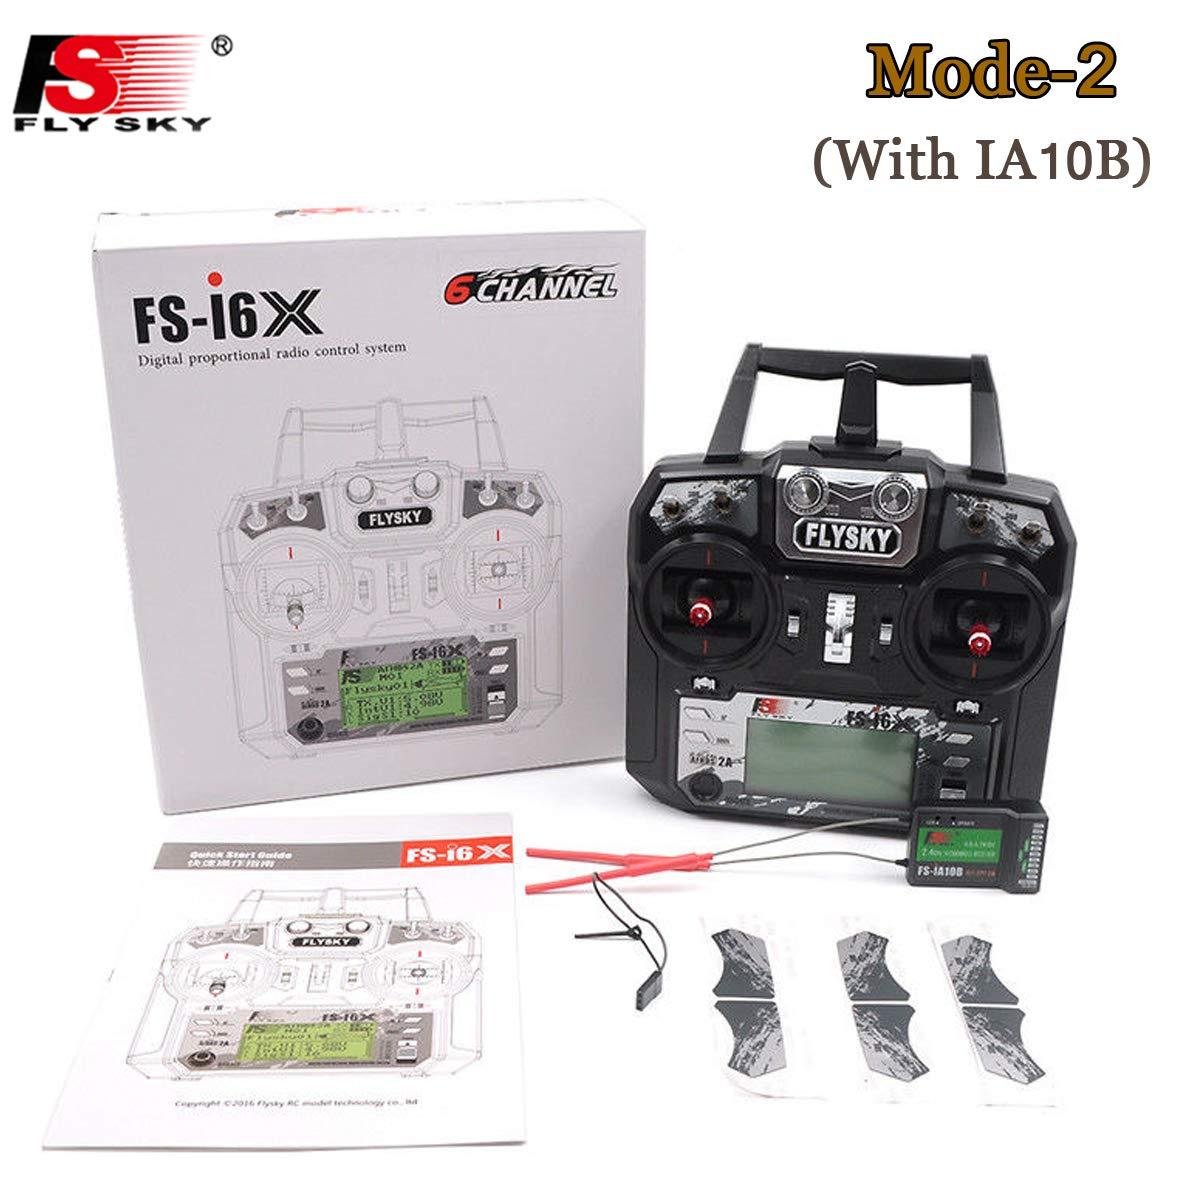 Flysky FS-i6X 10CH 2.4GHz AFHDS RC Transmitter mit FS-iA10B Empfänger ( Modus-2 Left Hand Throttle ) B06VV8NVKK Funk & -zubehör Viele Stile | Vollständige Spezifikation